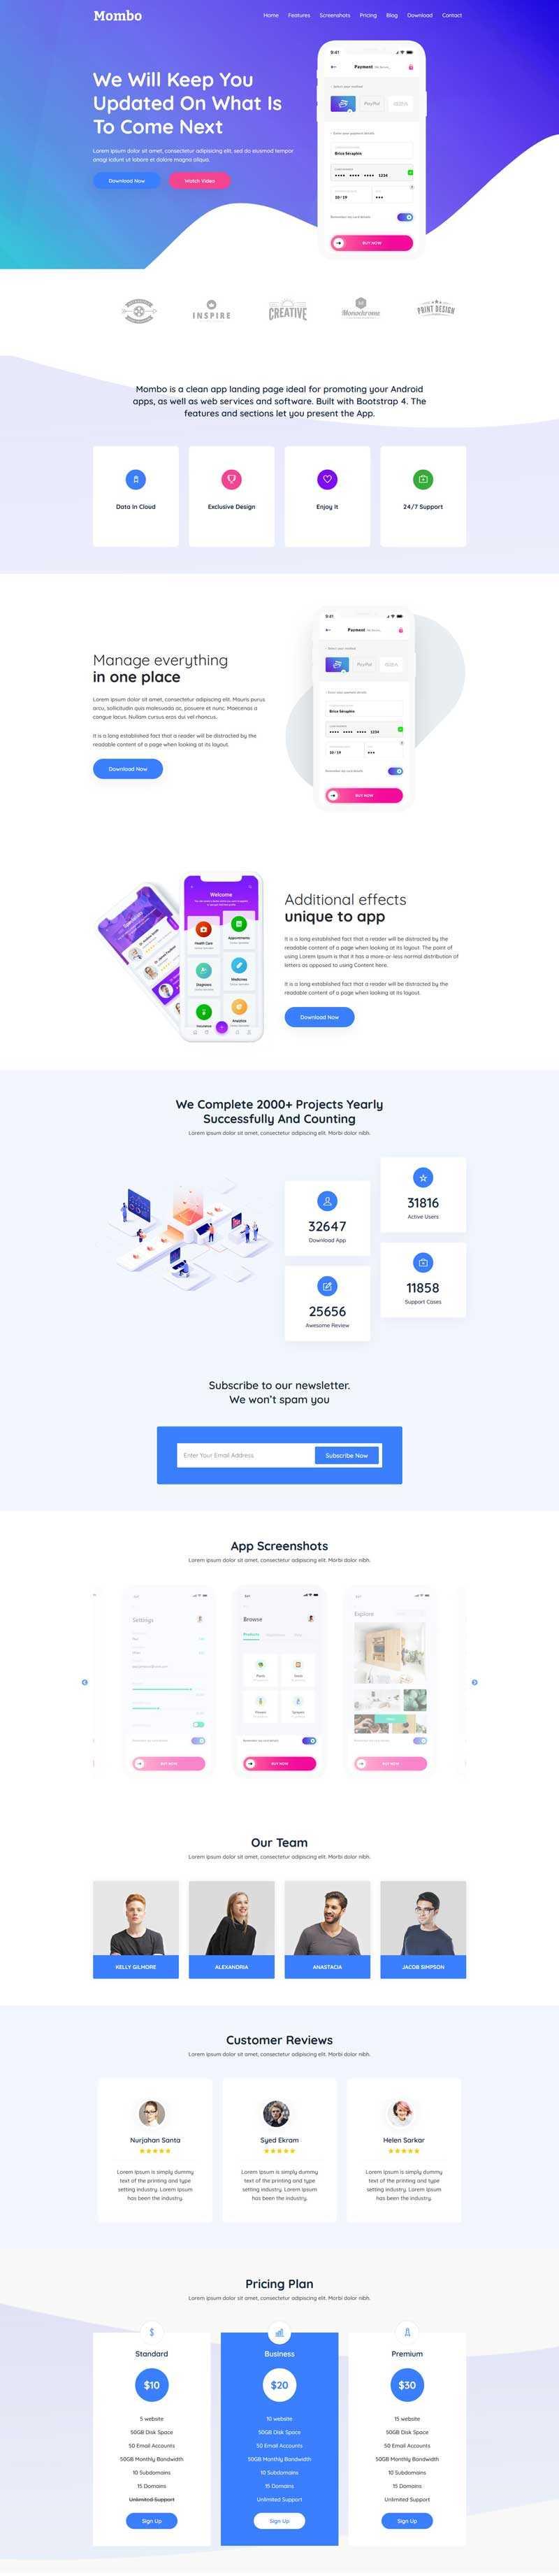 多用途app软件介绍单页模板